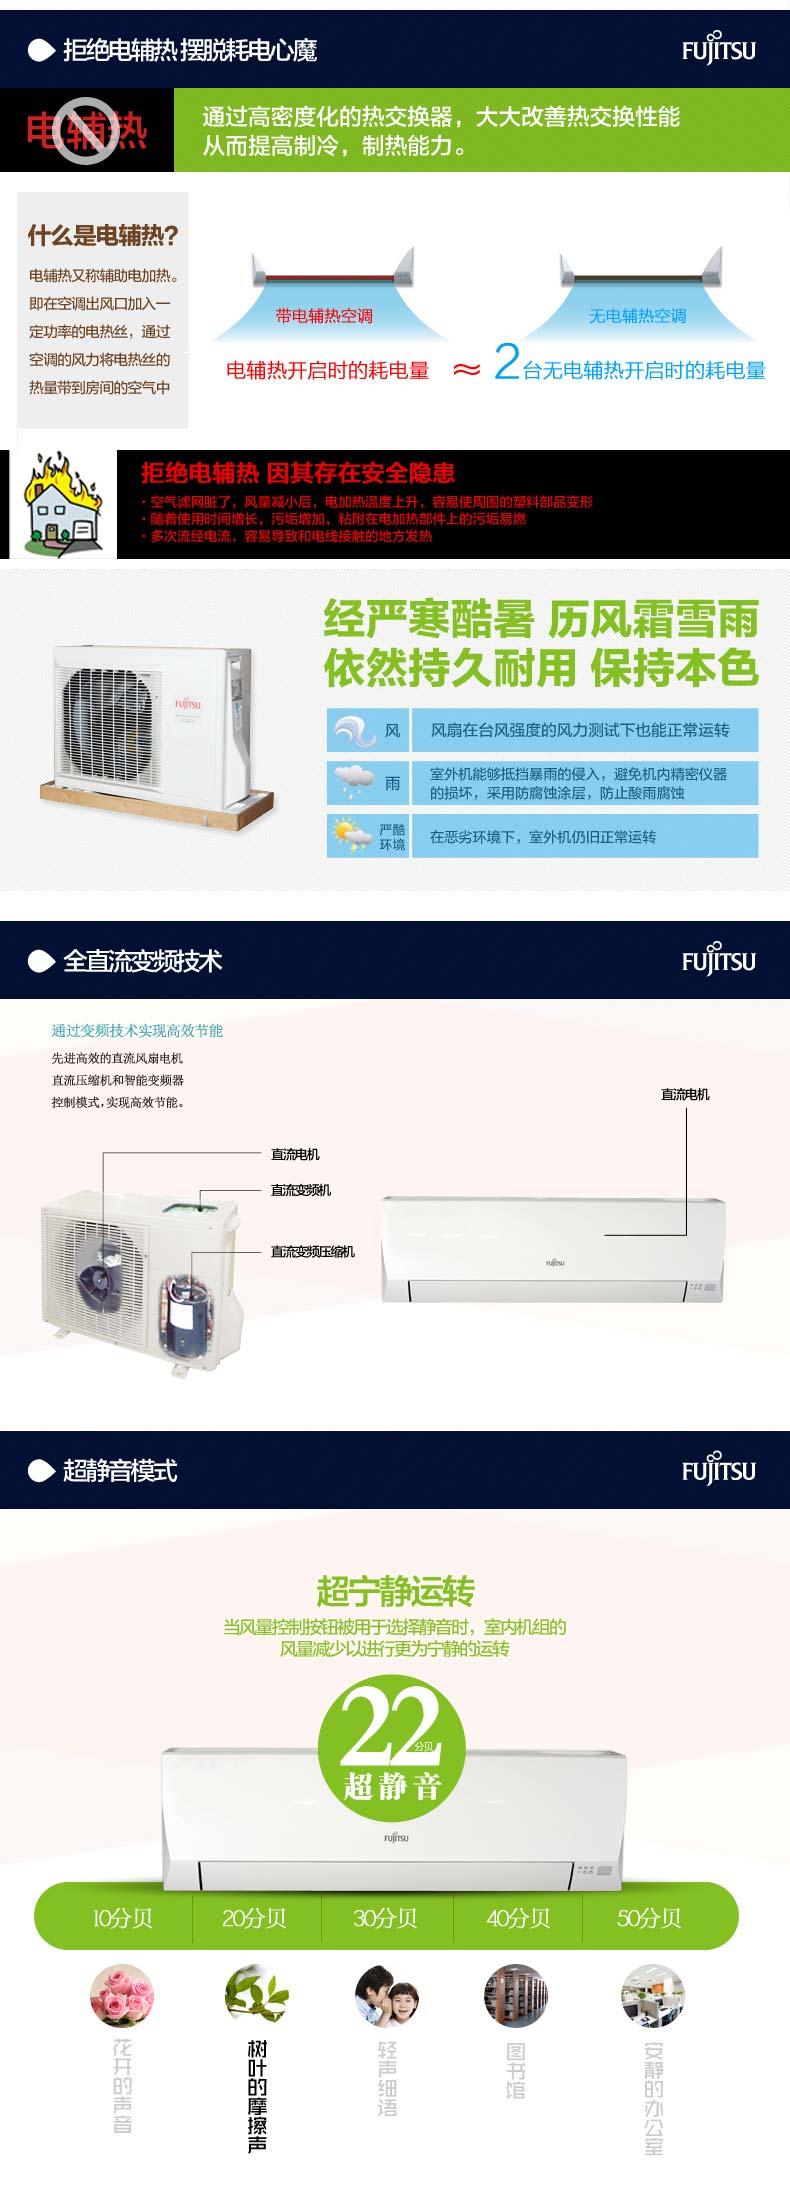 接室外机排水管道费用:10元/米;封堵墙洞:10元/个